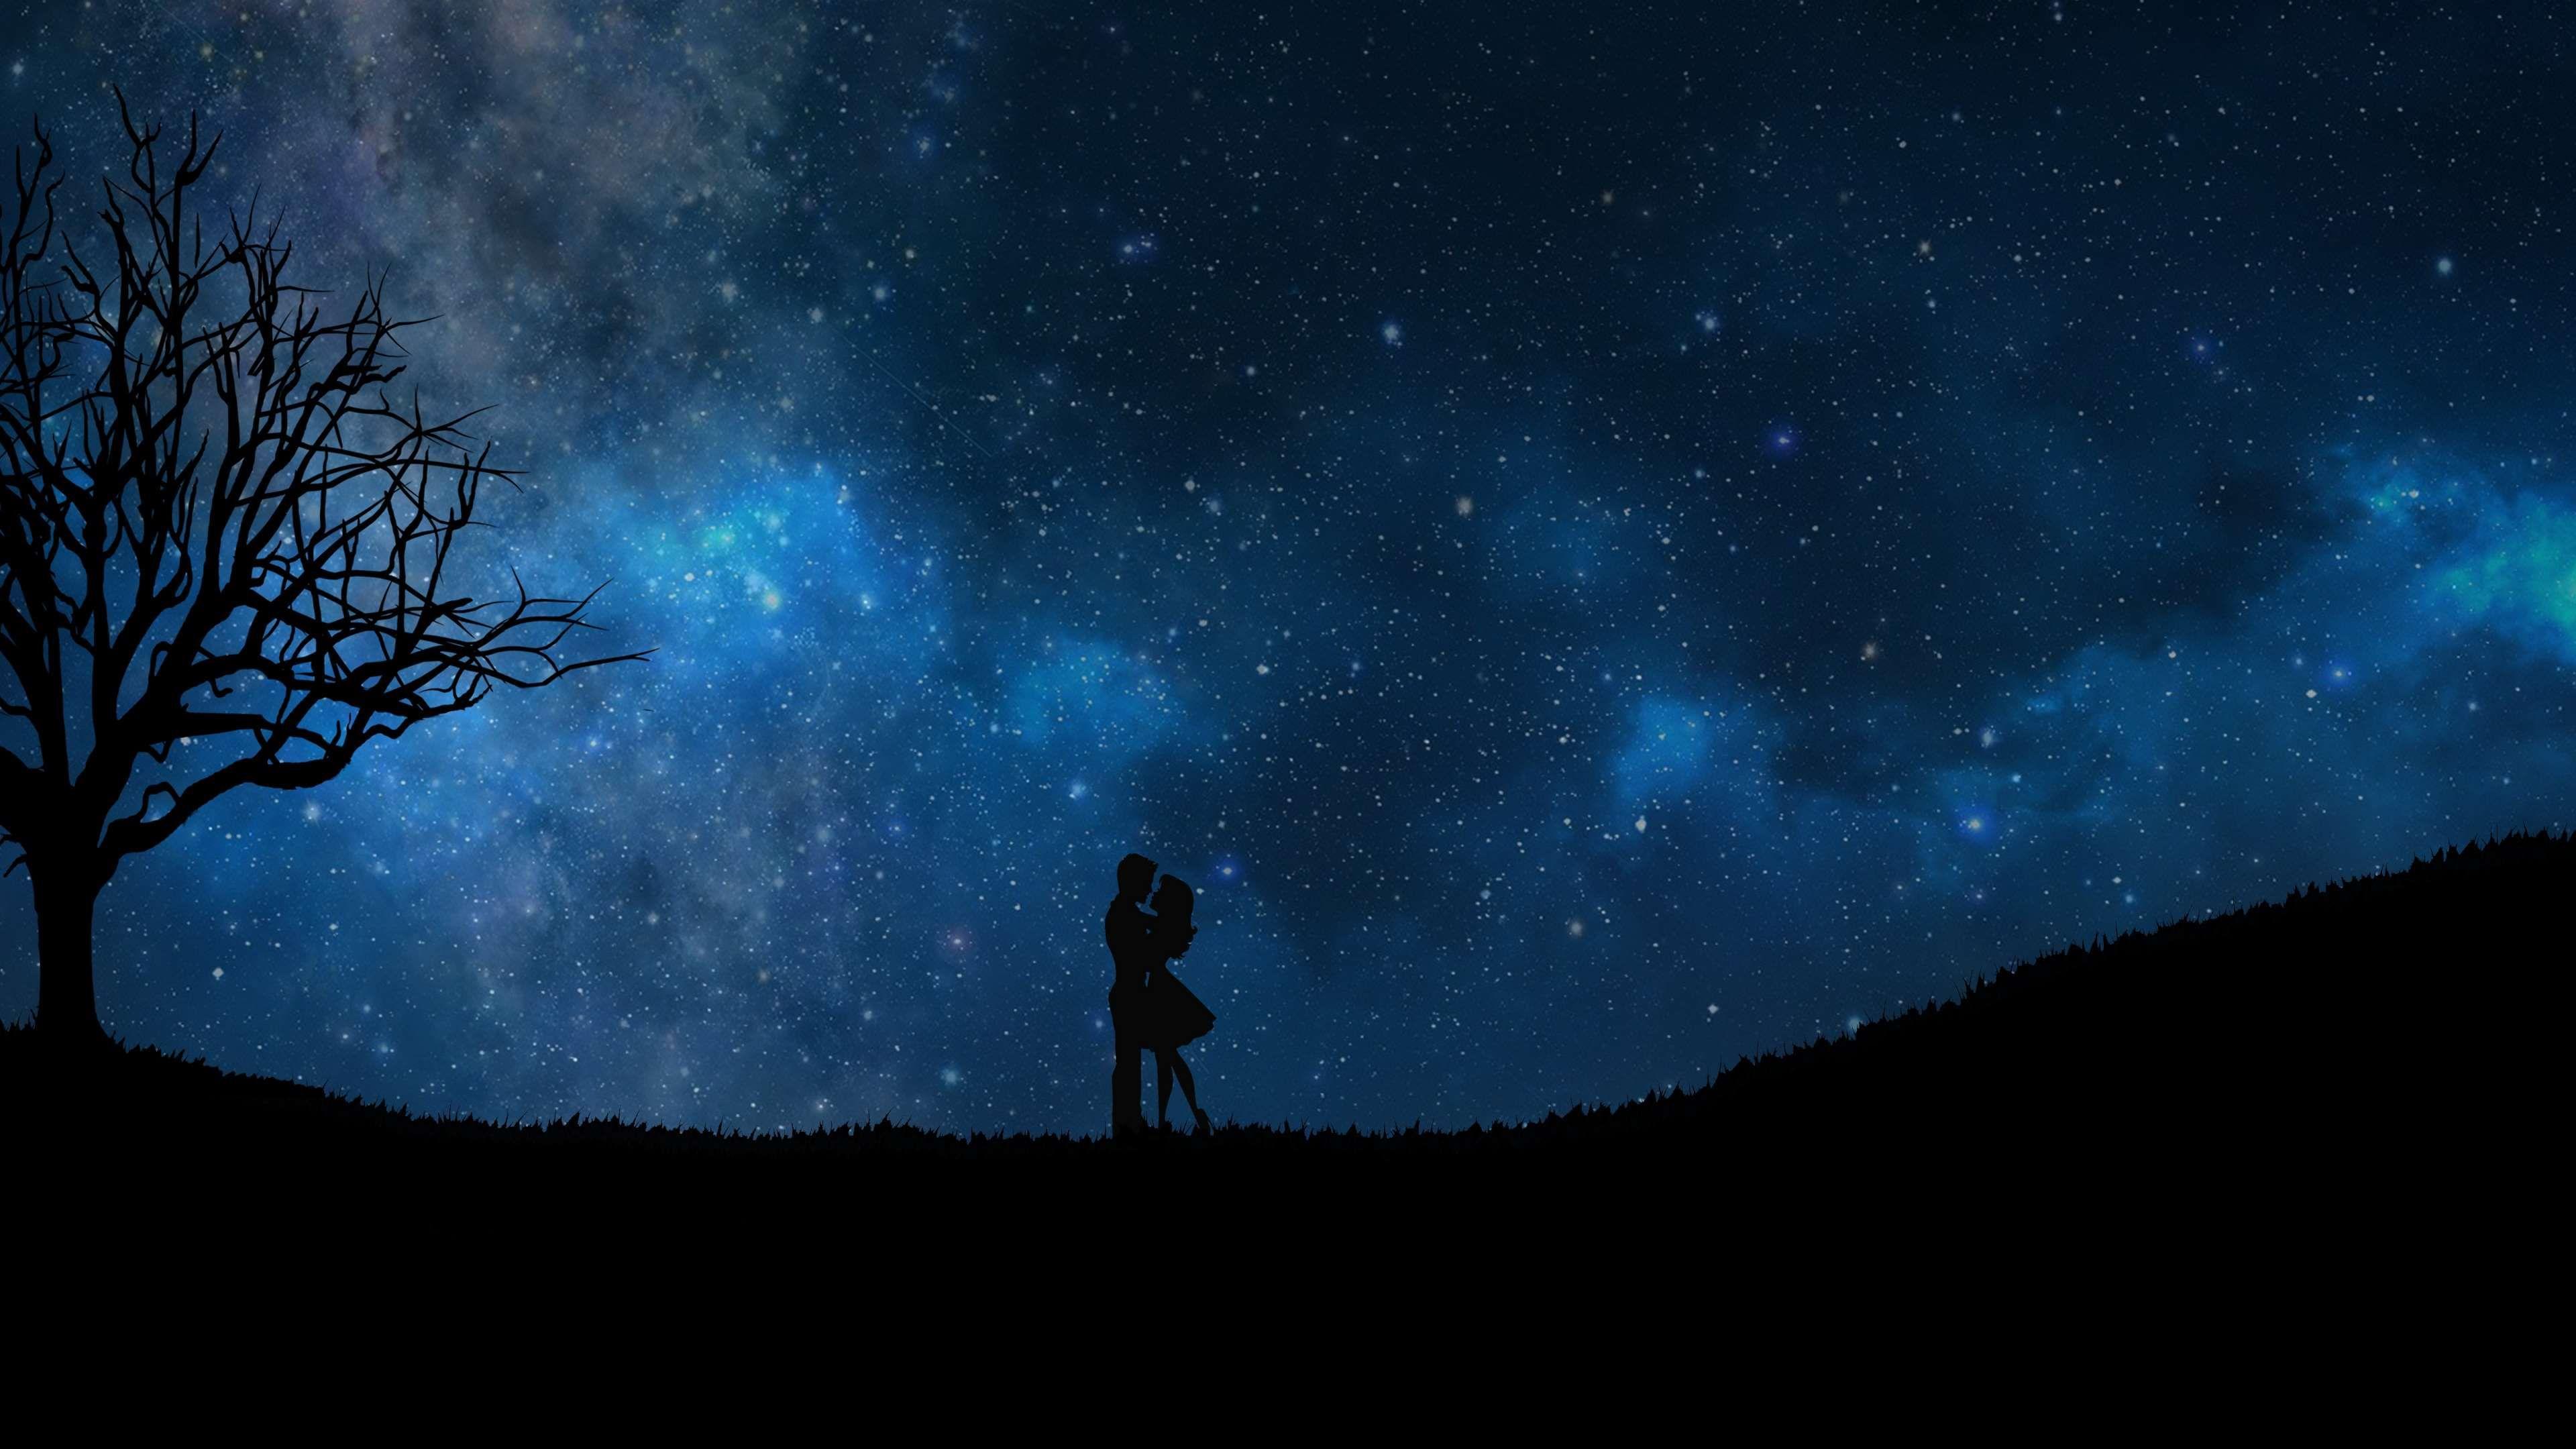 3840x2160 animated, anime, art, blue sky, boy, couple